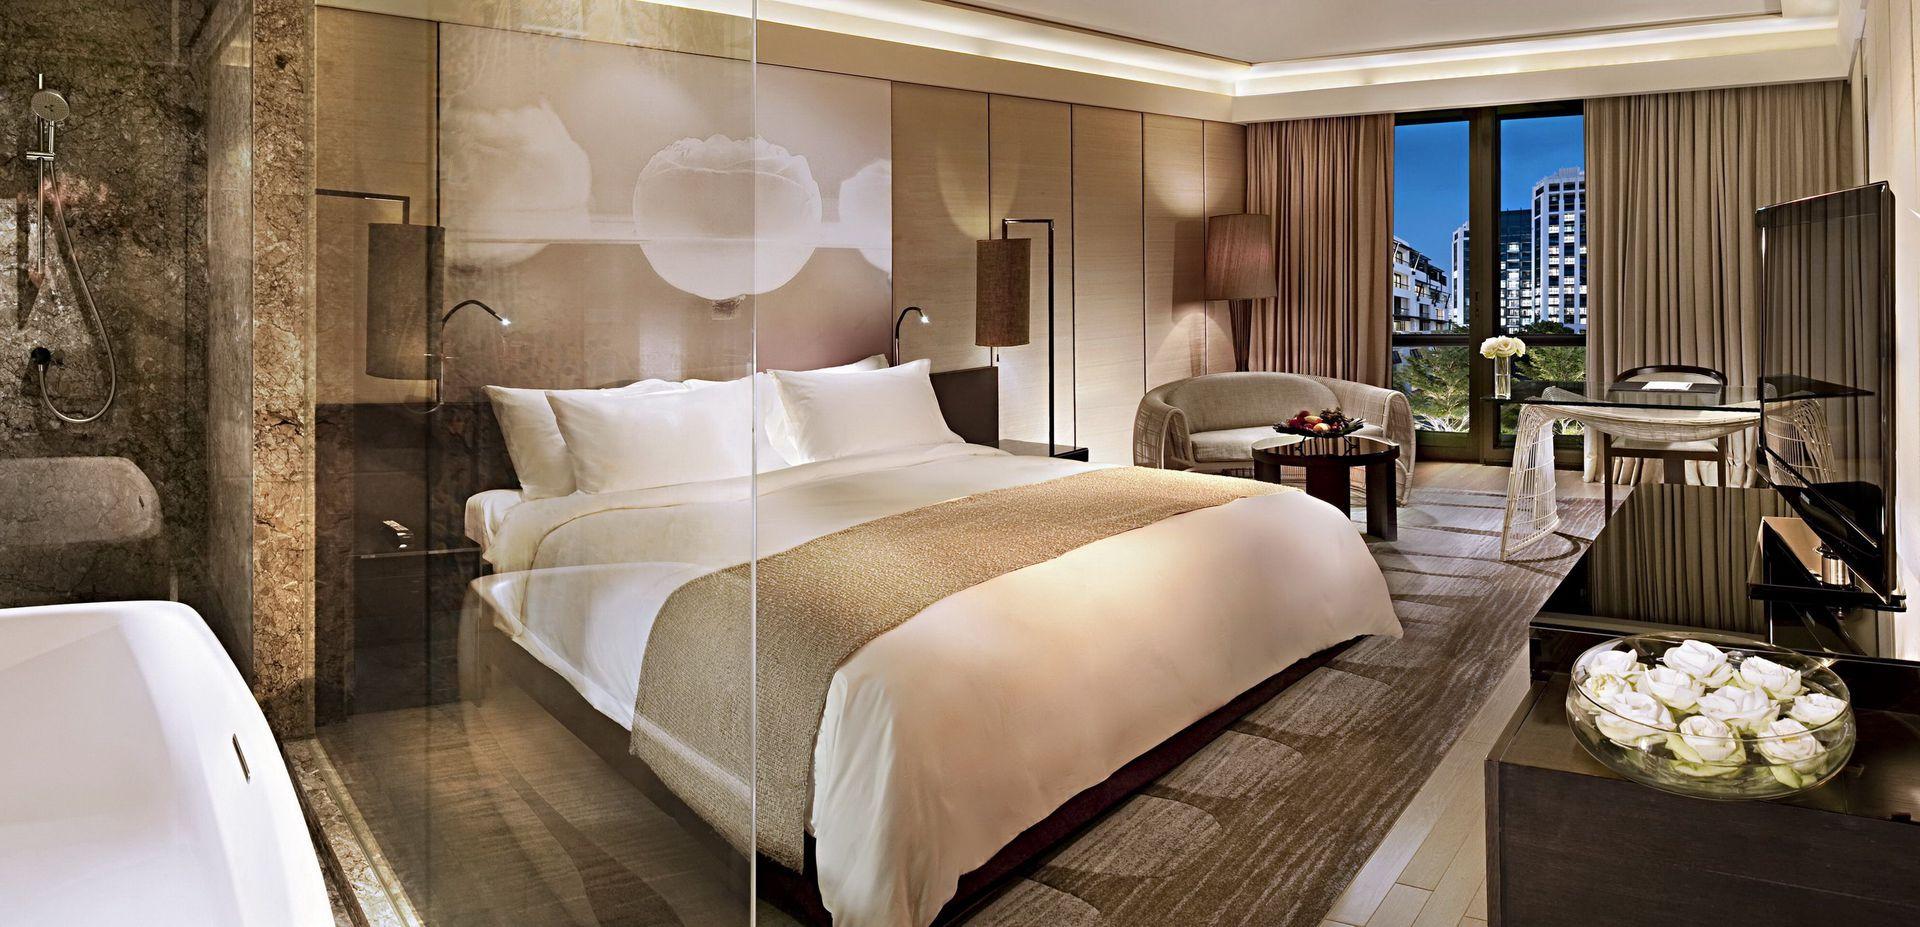 Where stories live   Luxusschlafzimmer, Hotelzimmer, Schlafzimmer einrichten